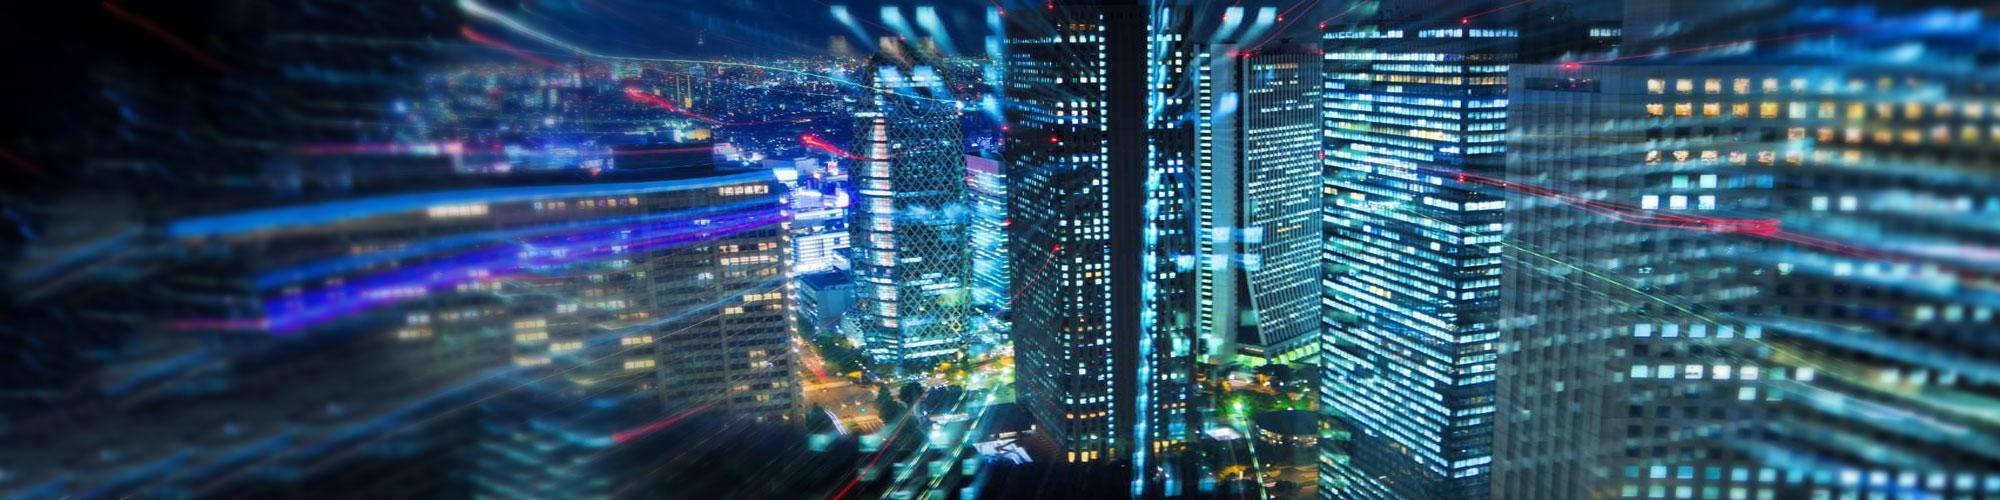 Stadtsilhouette bei Nacht